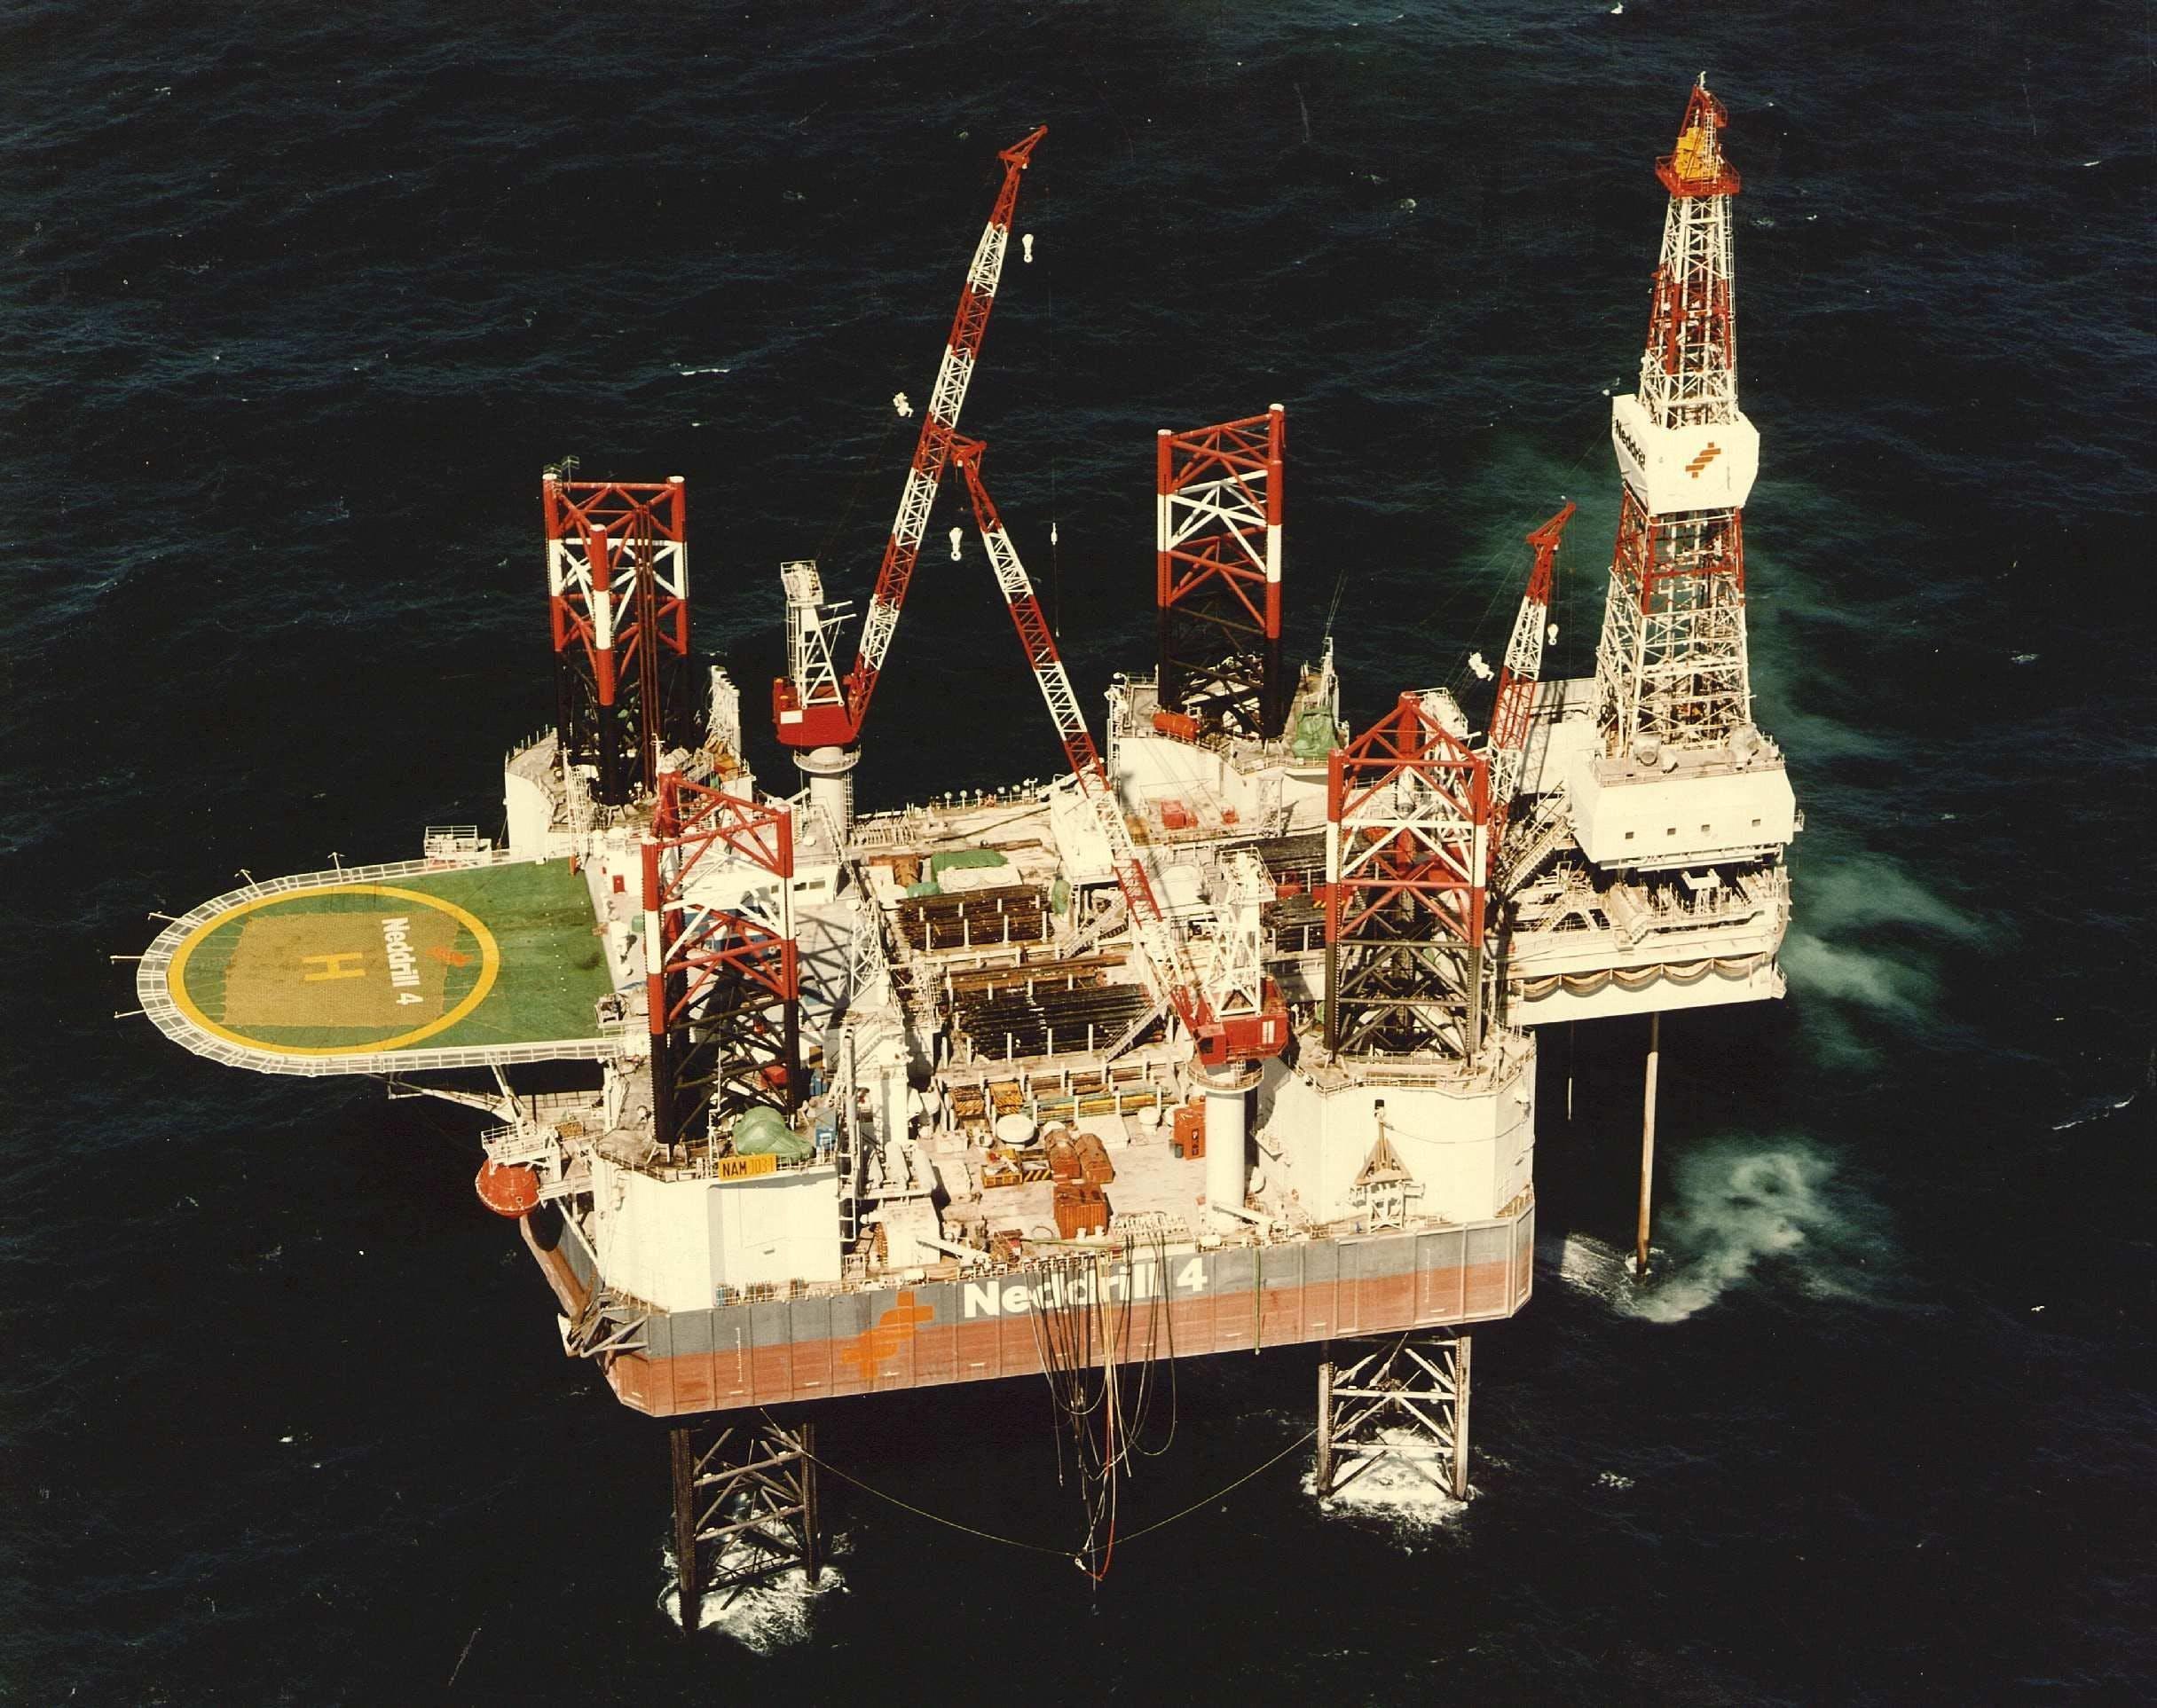 Booreiland Neddrill 4 in de Noordzee toen deze nog in gebruik was.